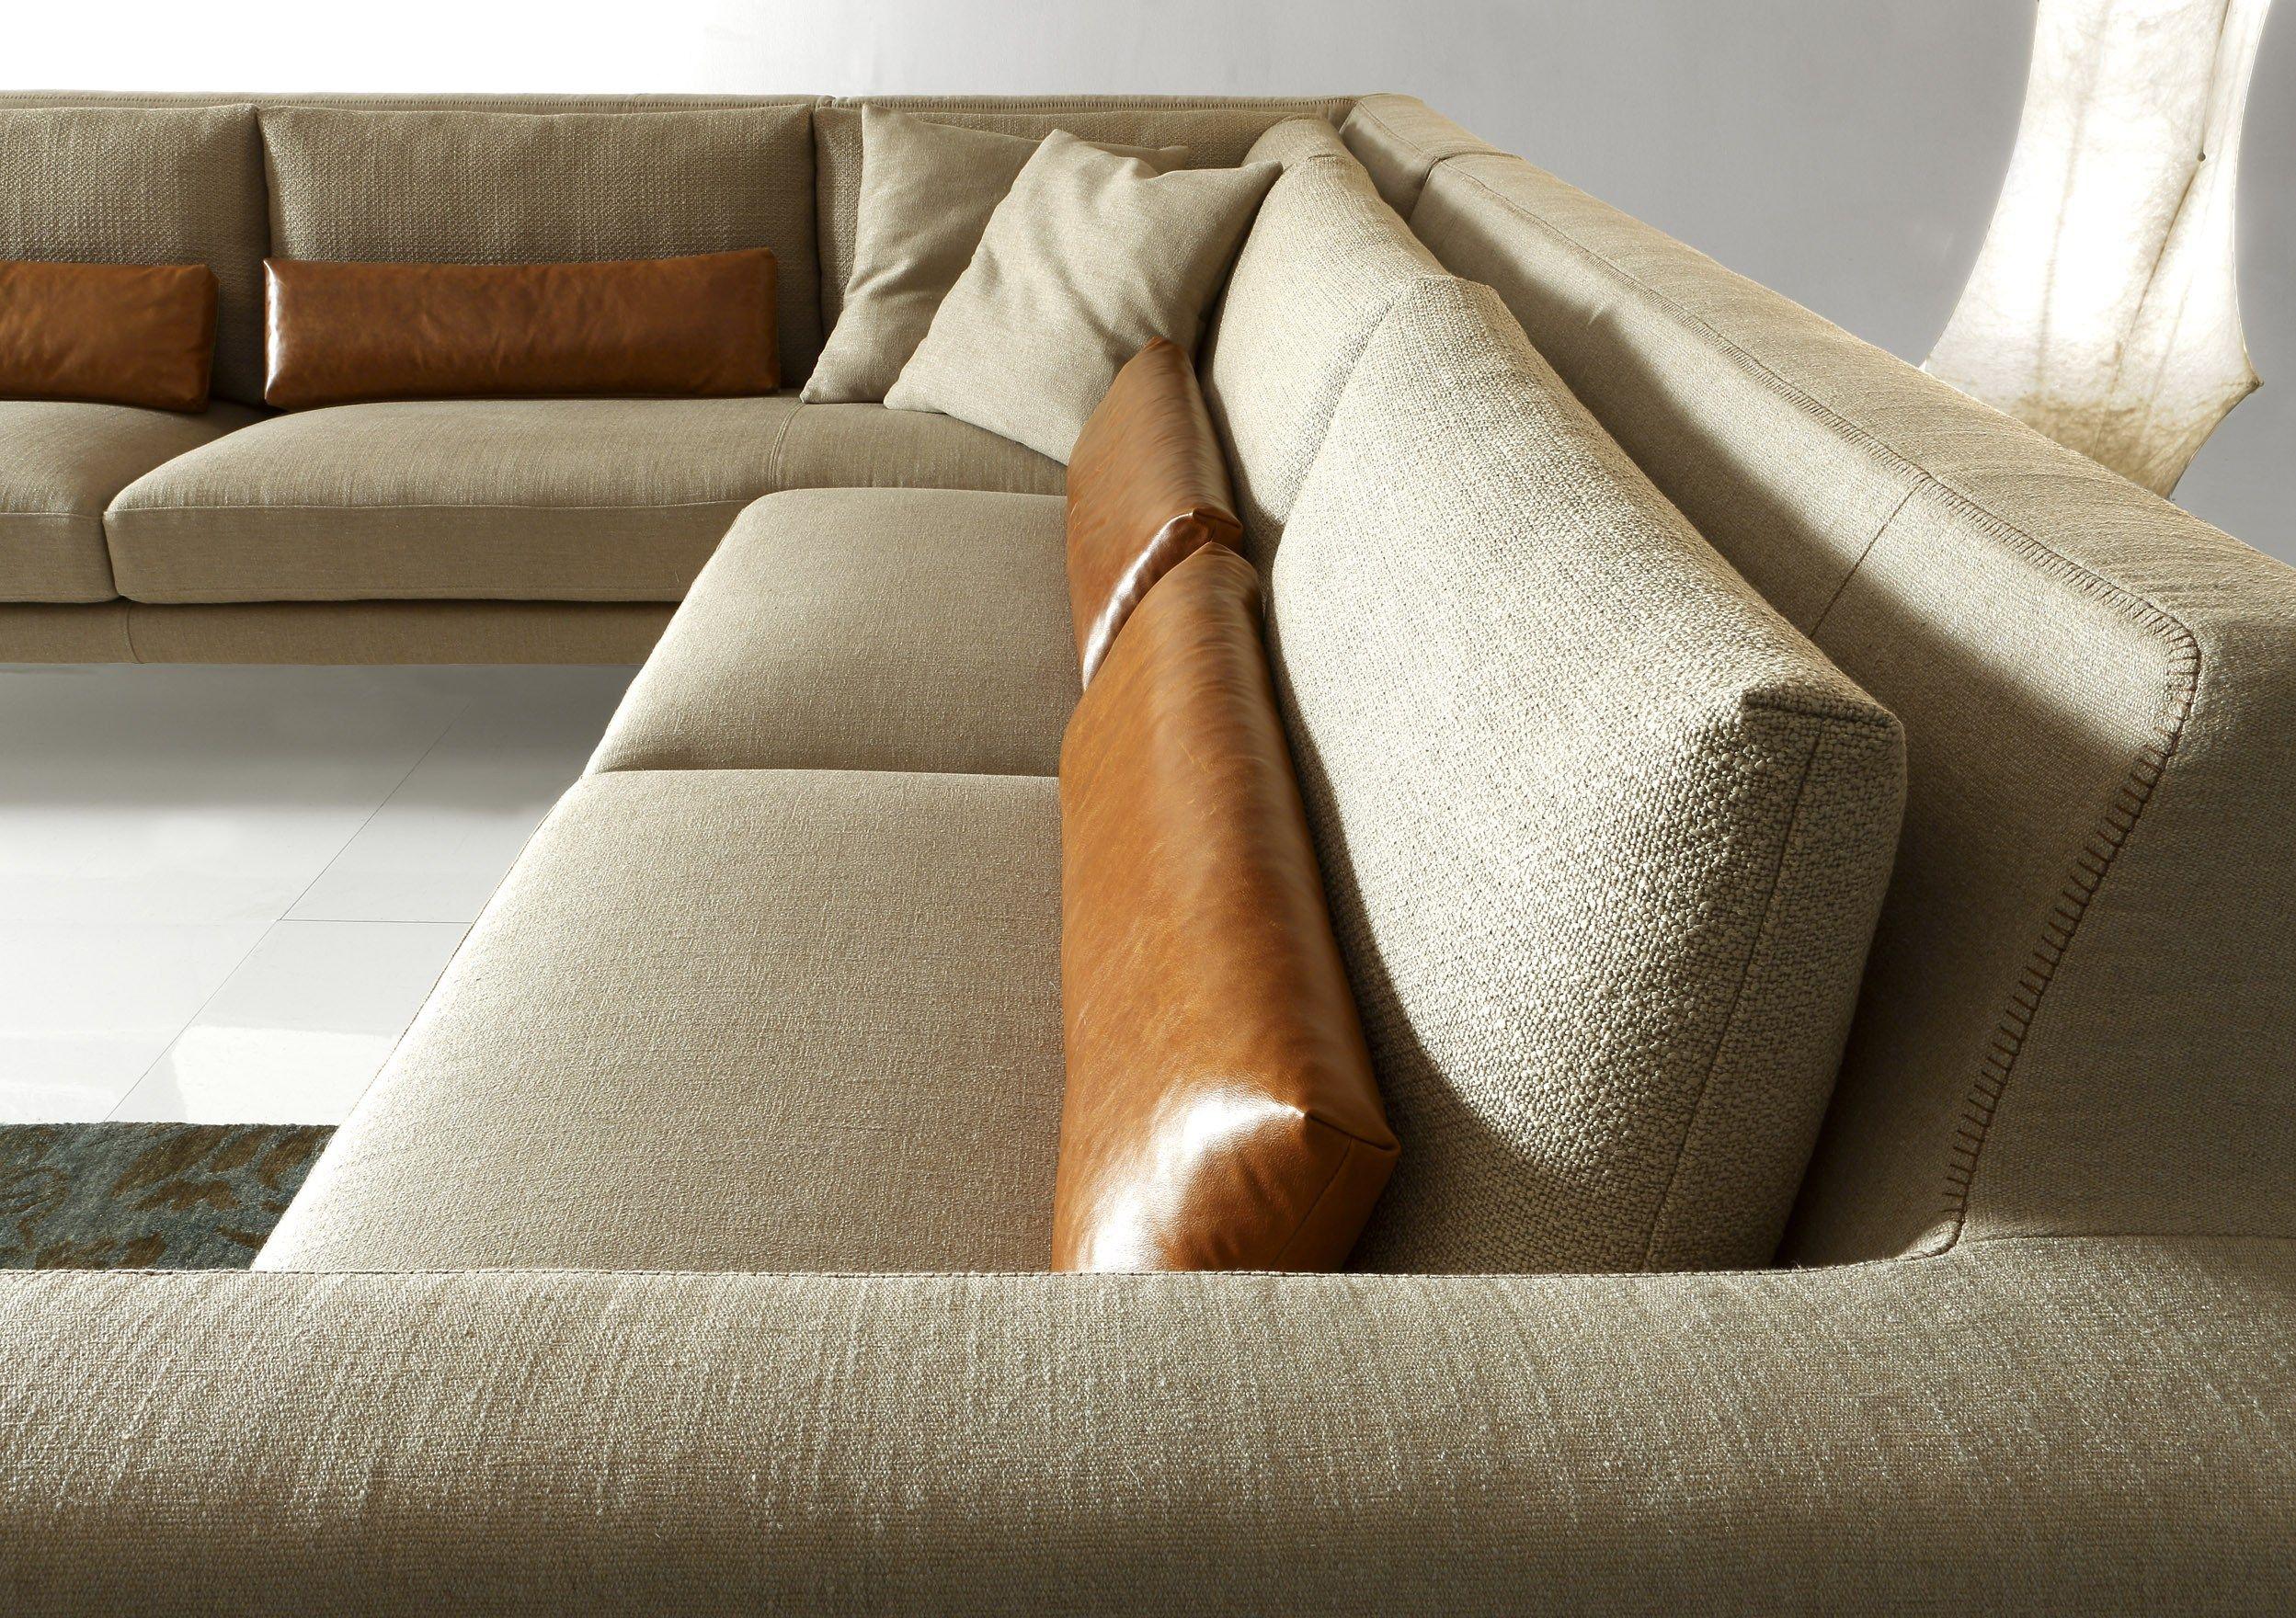 Miller divano angolare by ditre italia design stefano spessotto lorella agnoletto - Divano miller ditre prezzo ...